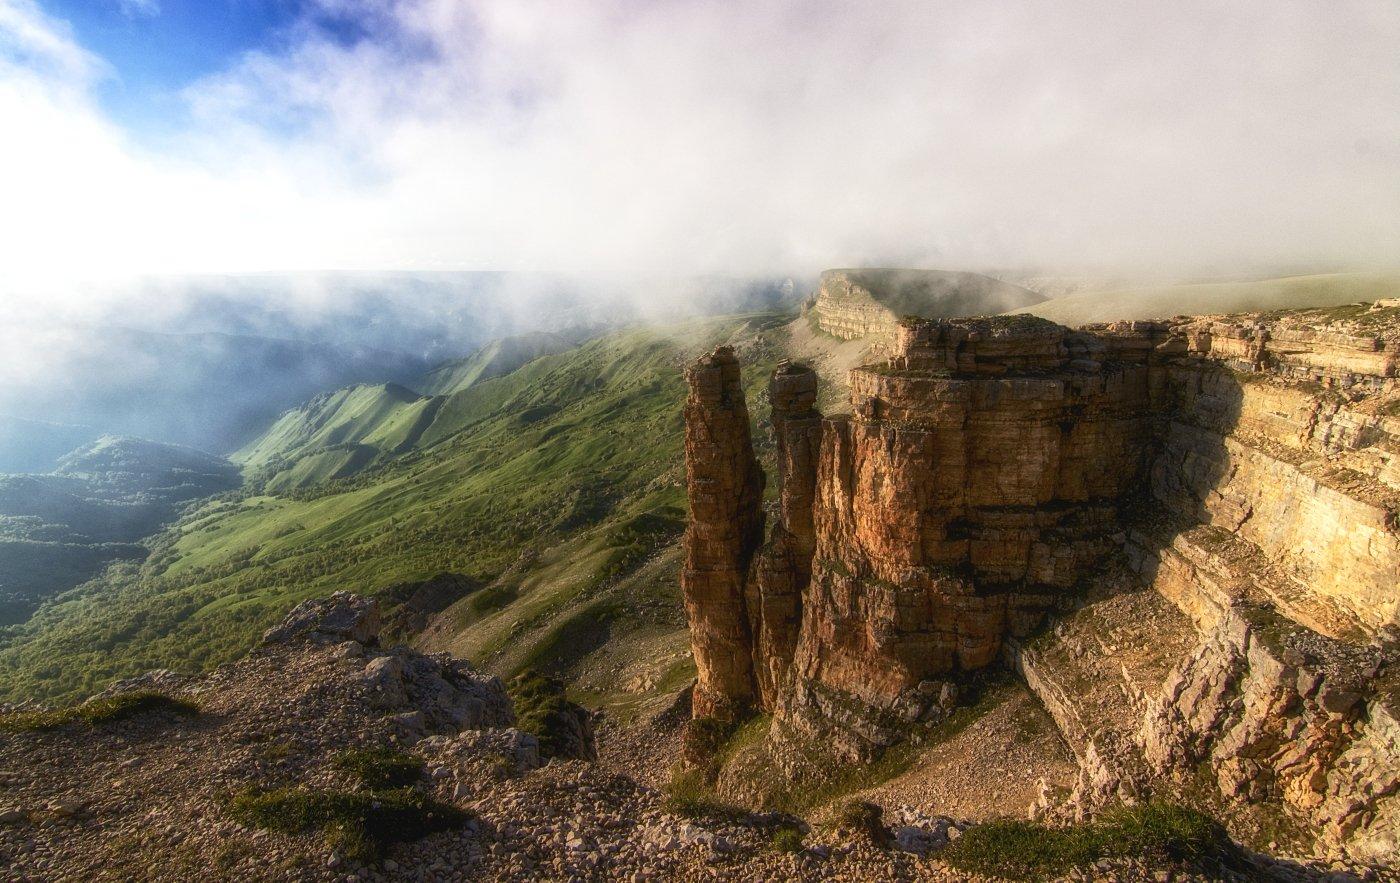 кавказ,горы,плато,туман,закат., Анатолий Салтыков